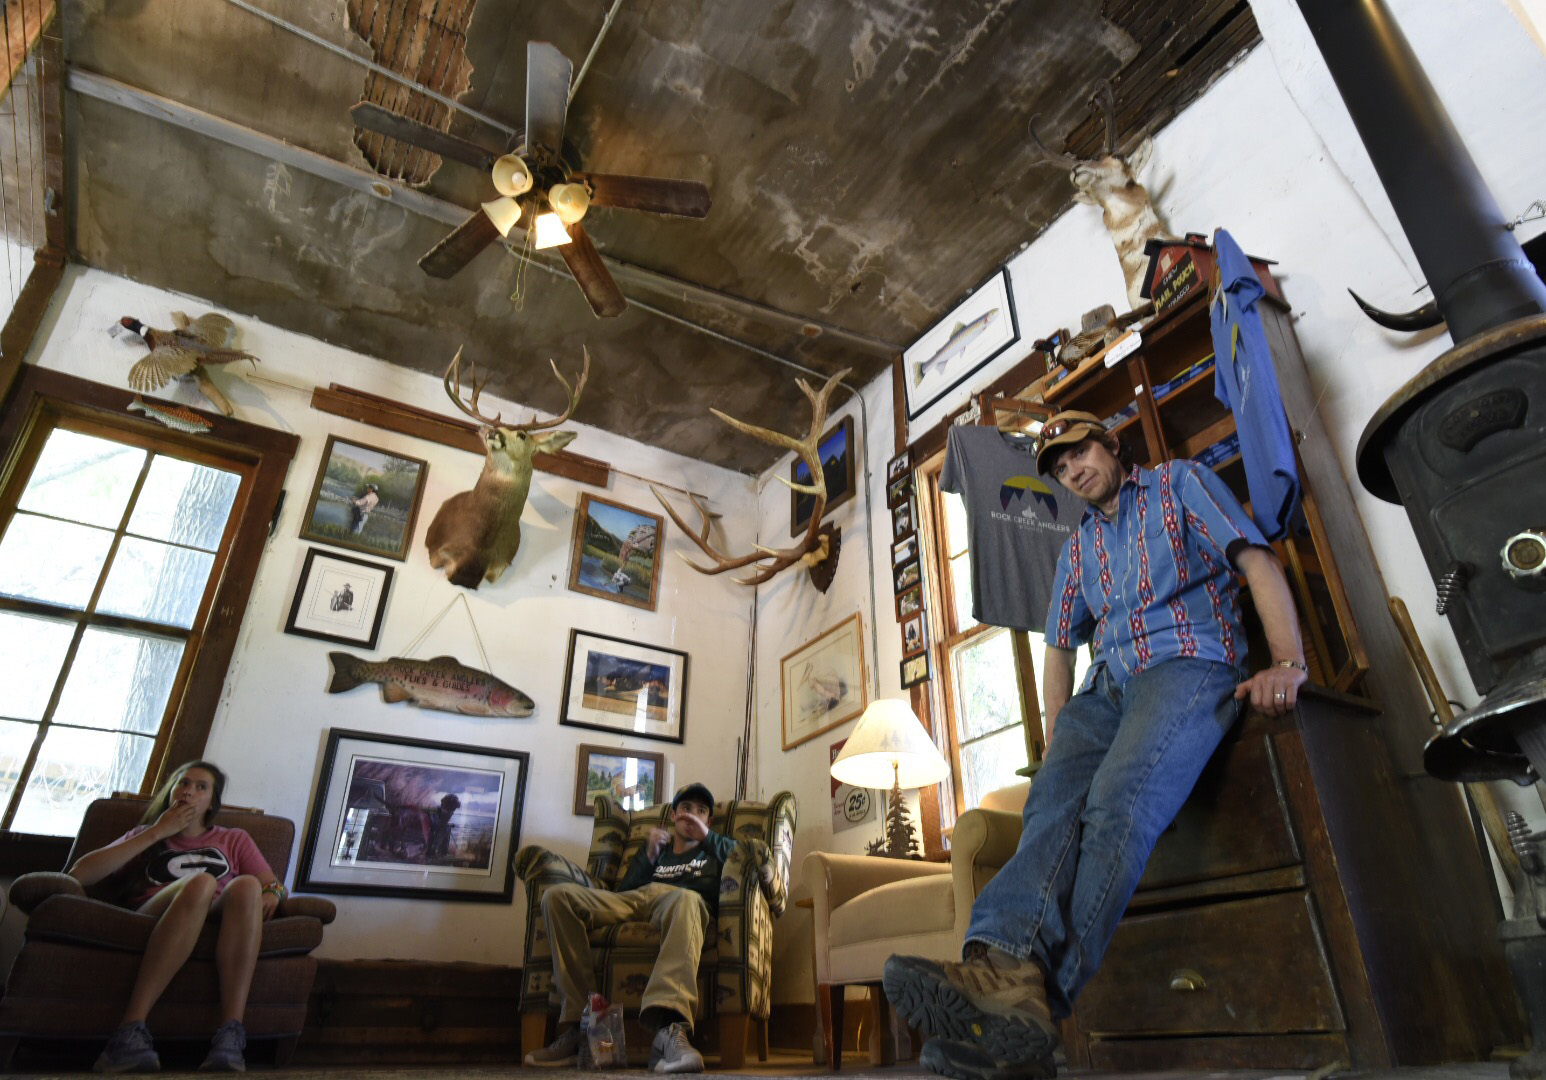 Rod & Gun Club Shop Fly Shop Fishing Shack Guide Flies Tackle Shop